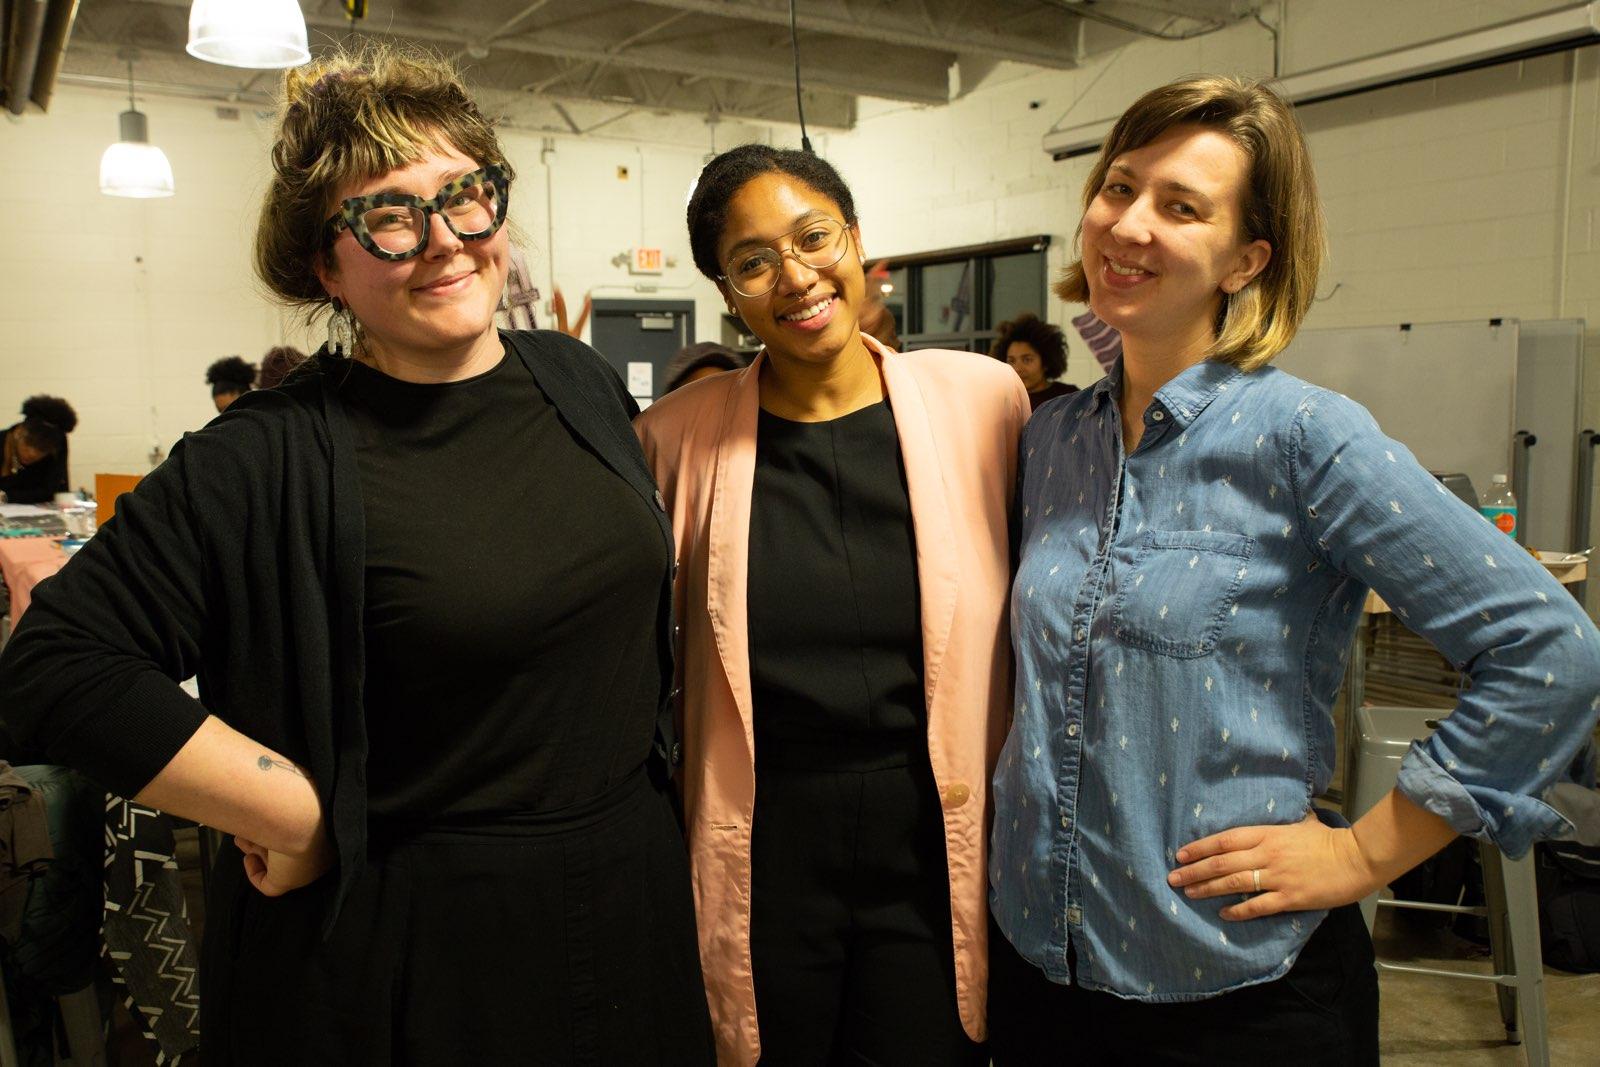 Prototype staff: Louise Larson, Bryanna Johnson, Erin Gatz